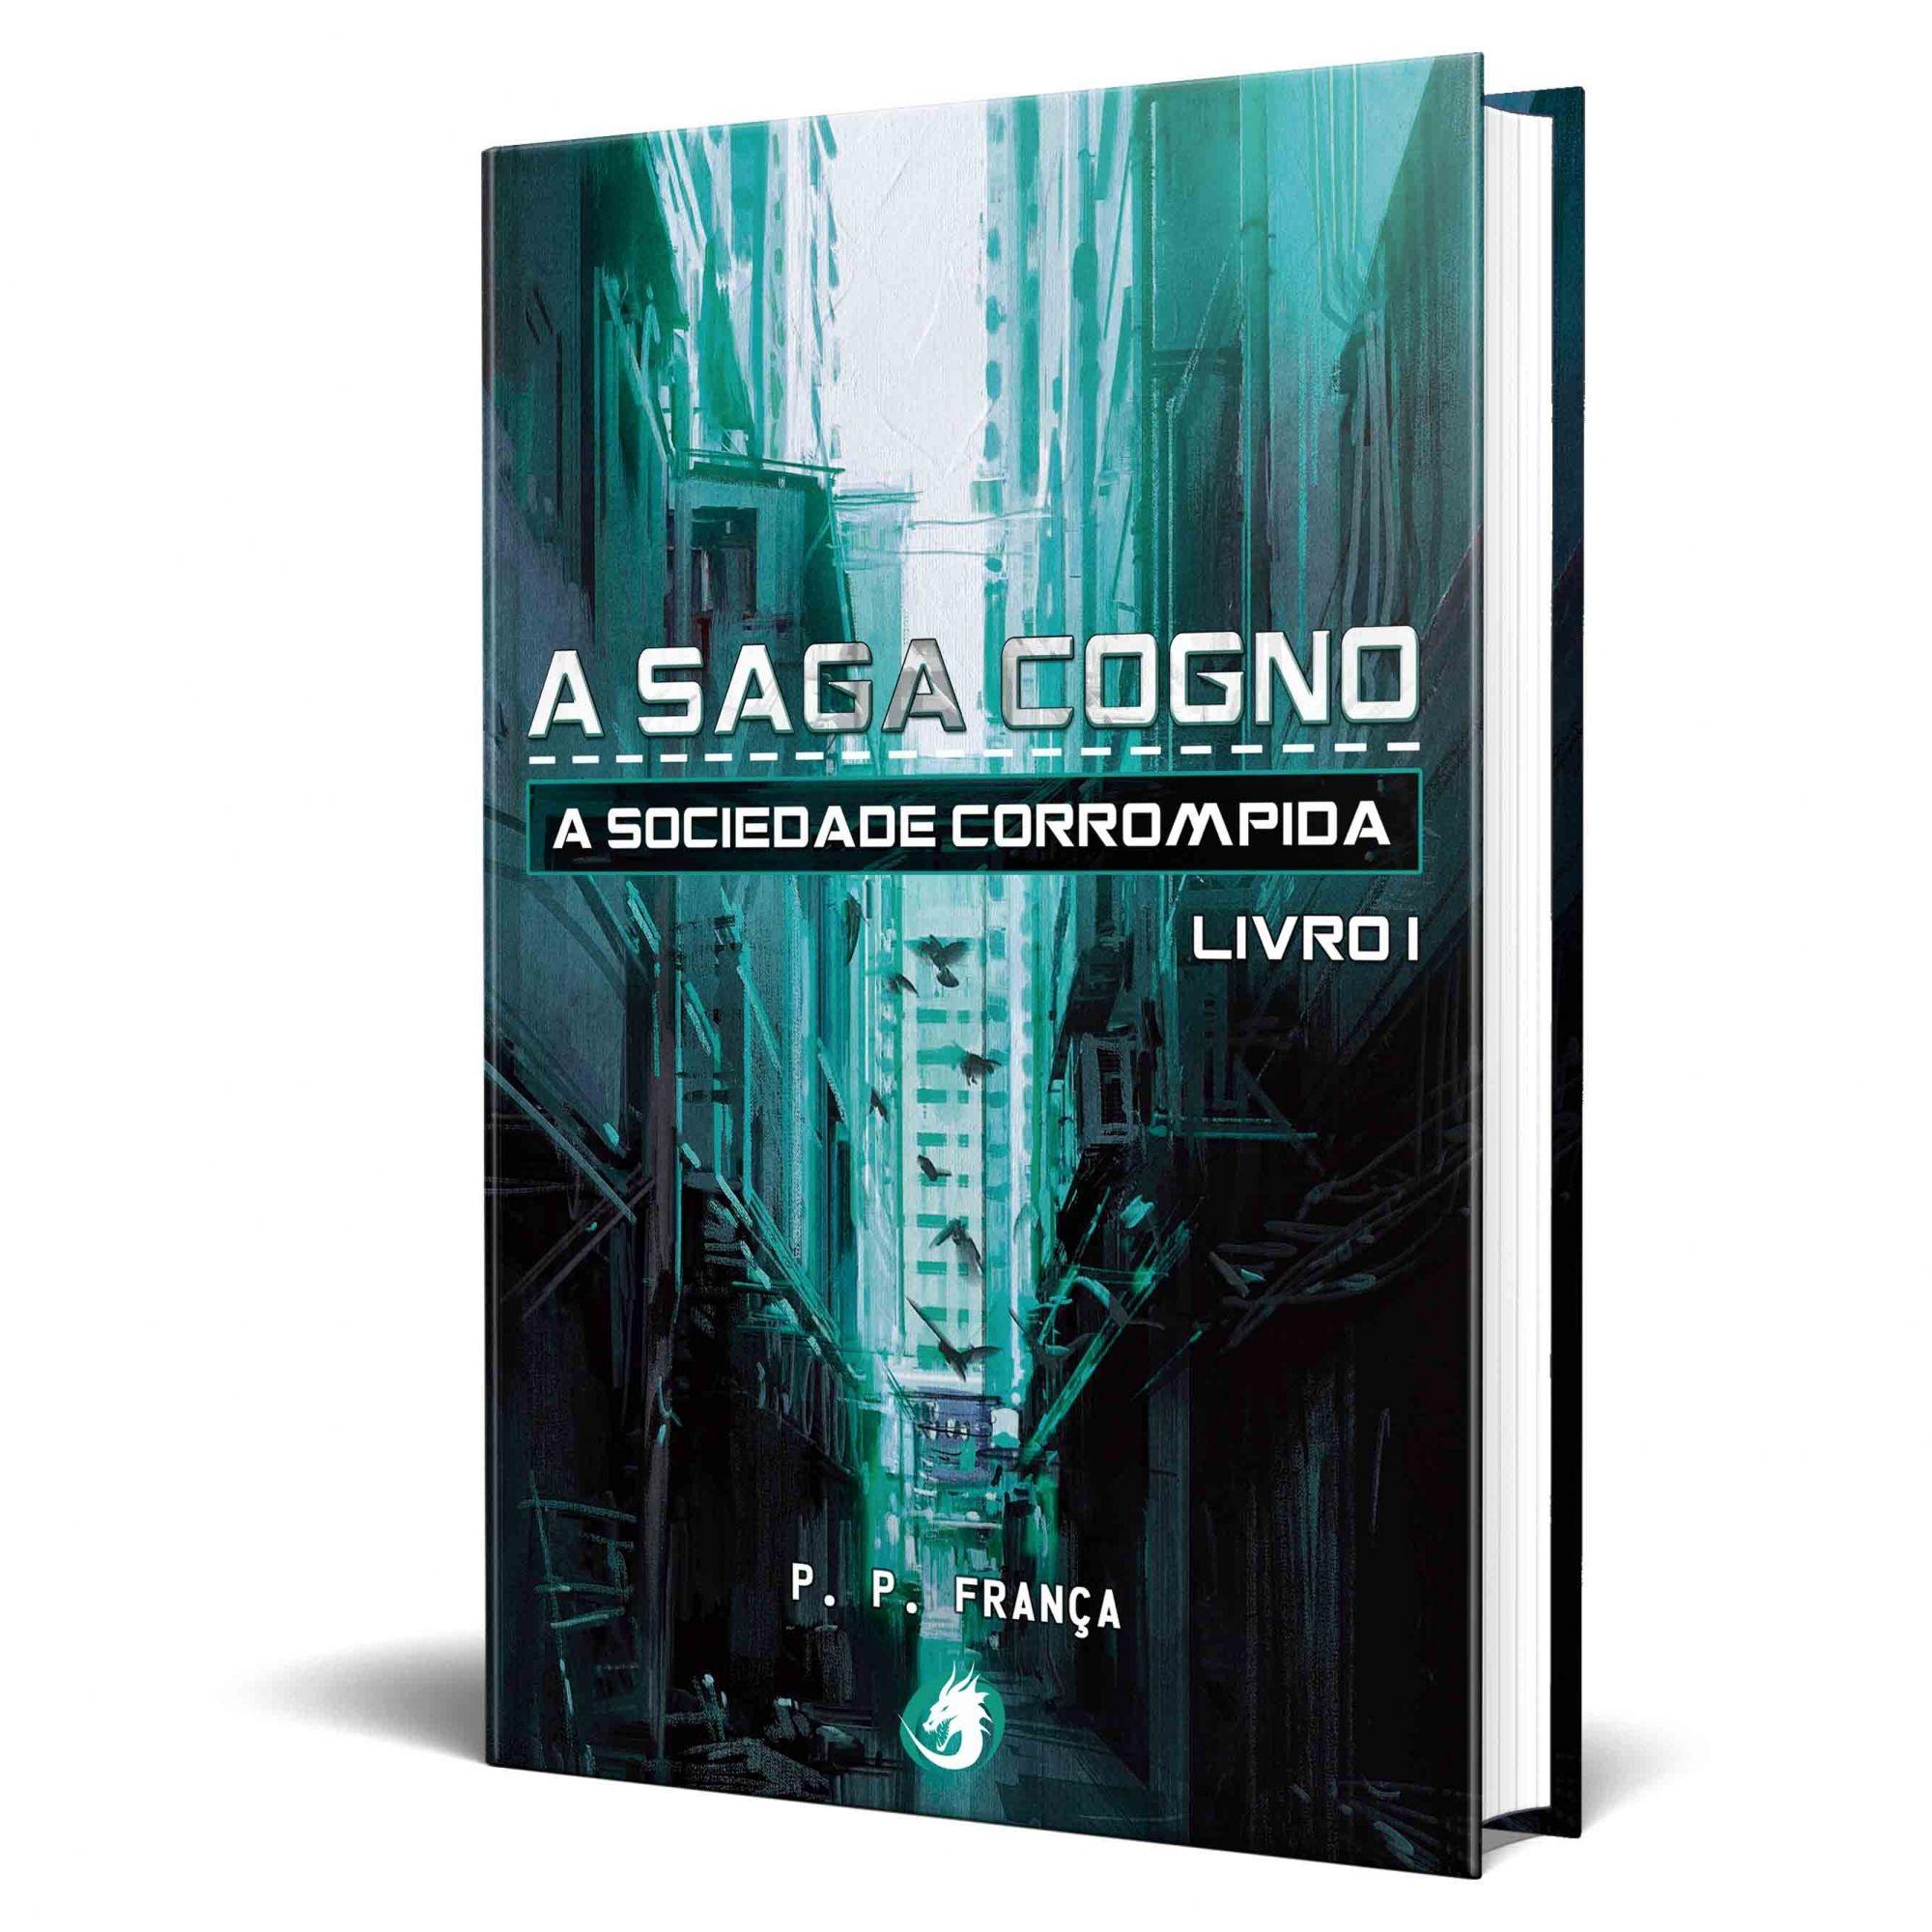 Livro A Saga Cogno: A Sociedade Corrompida (Livro I)